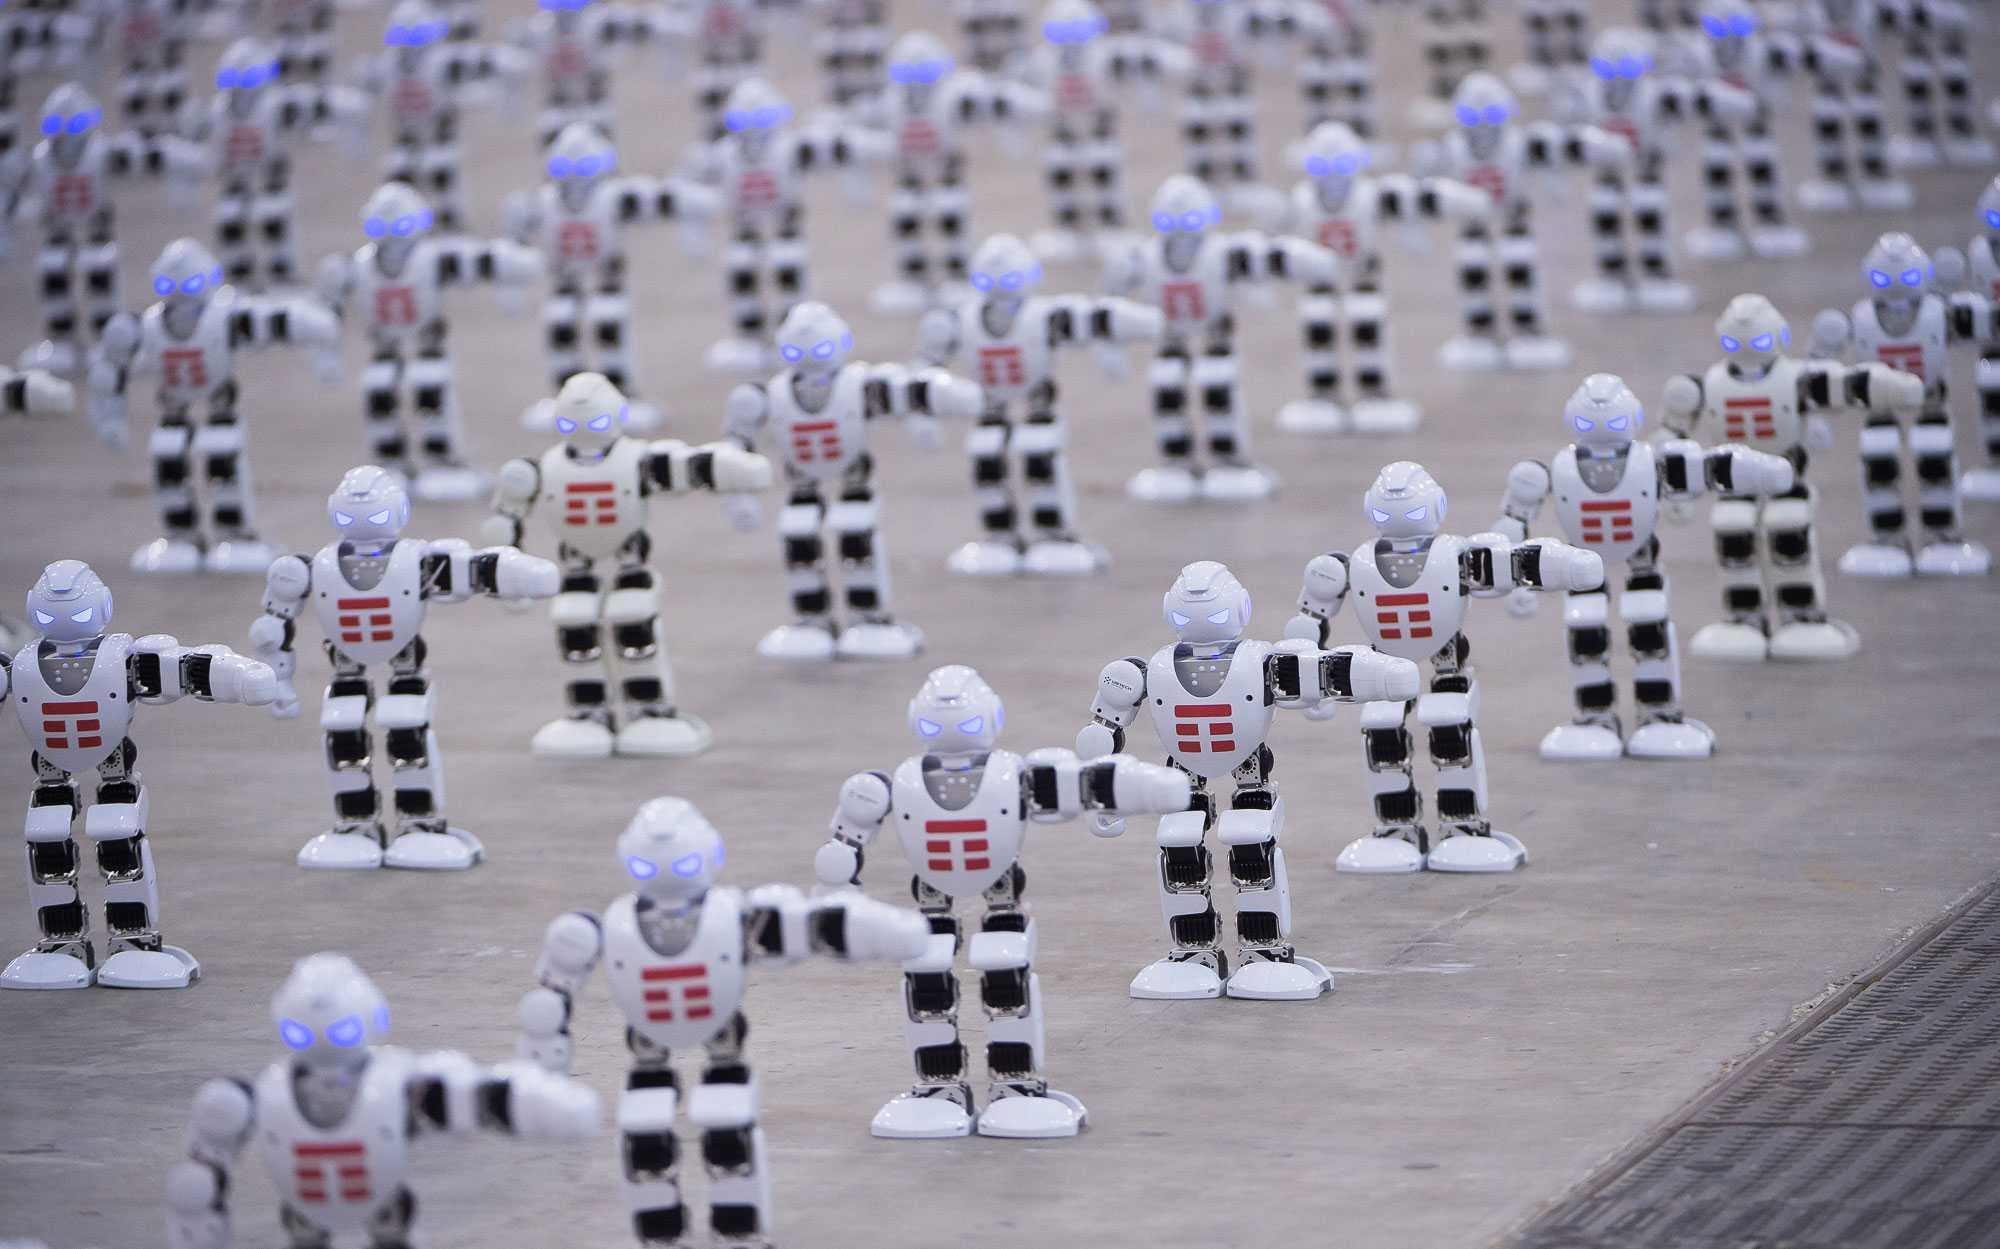 В Италии танцующие роботы установили новый мировой рекорд